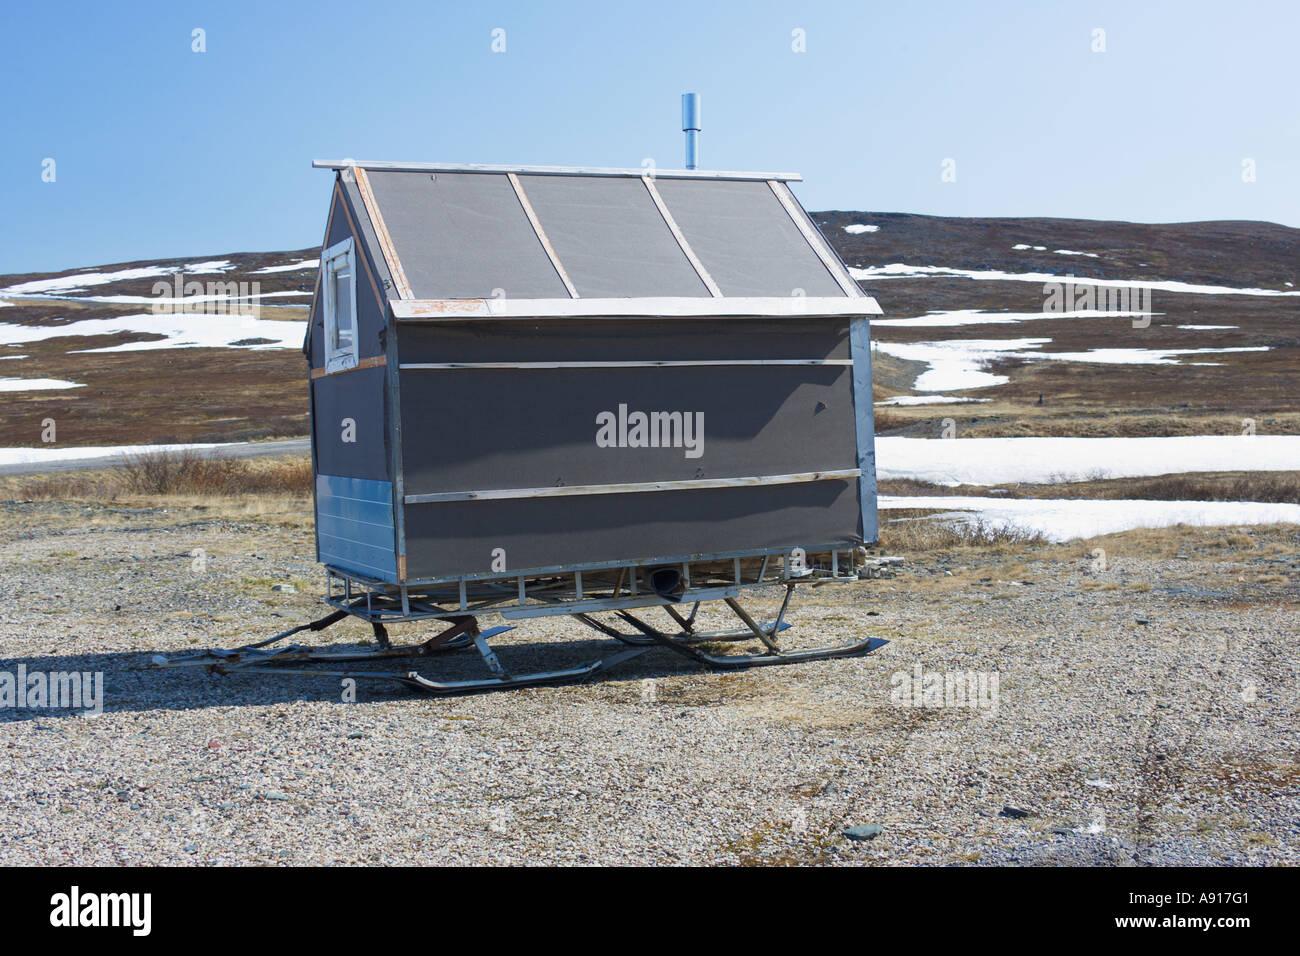 Cabaña en esquís en la tundra ártica paisaje nevado Imagen De Stock